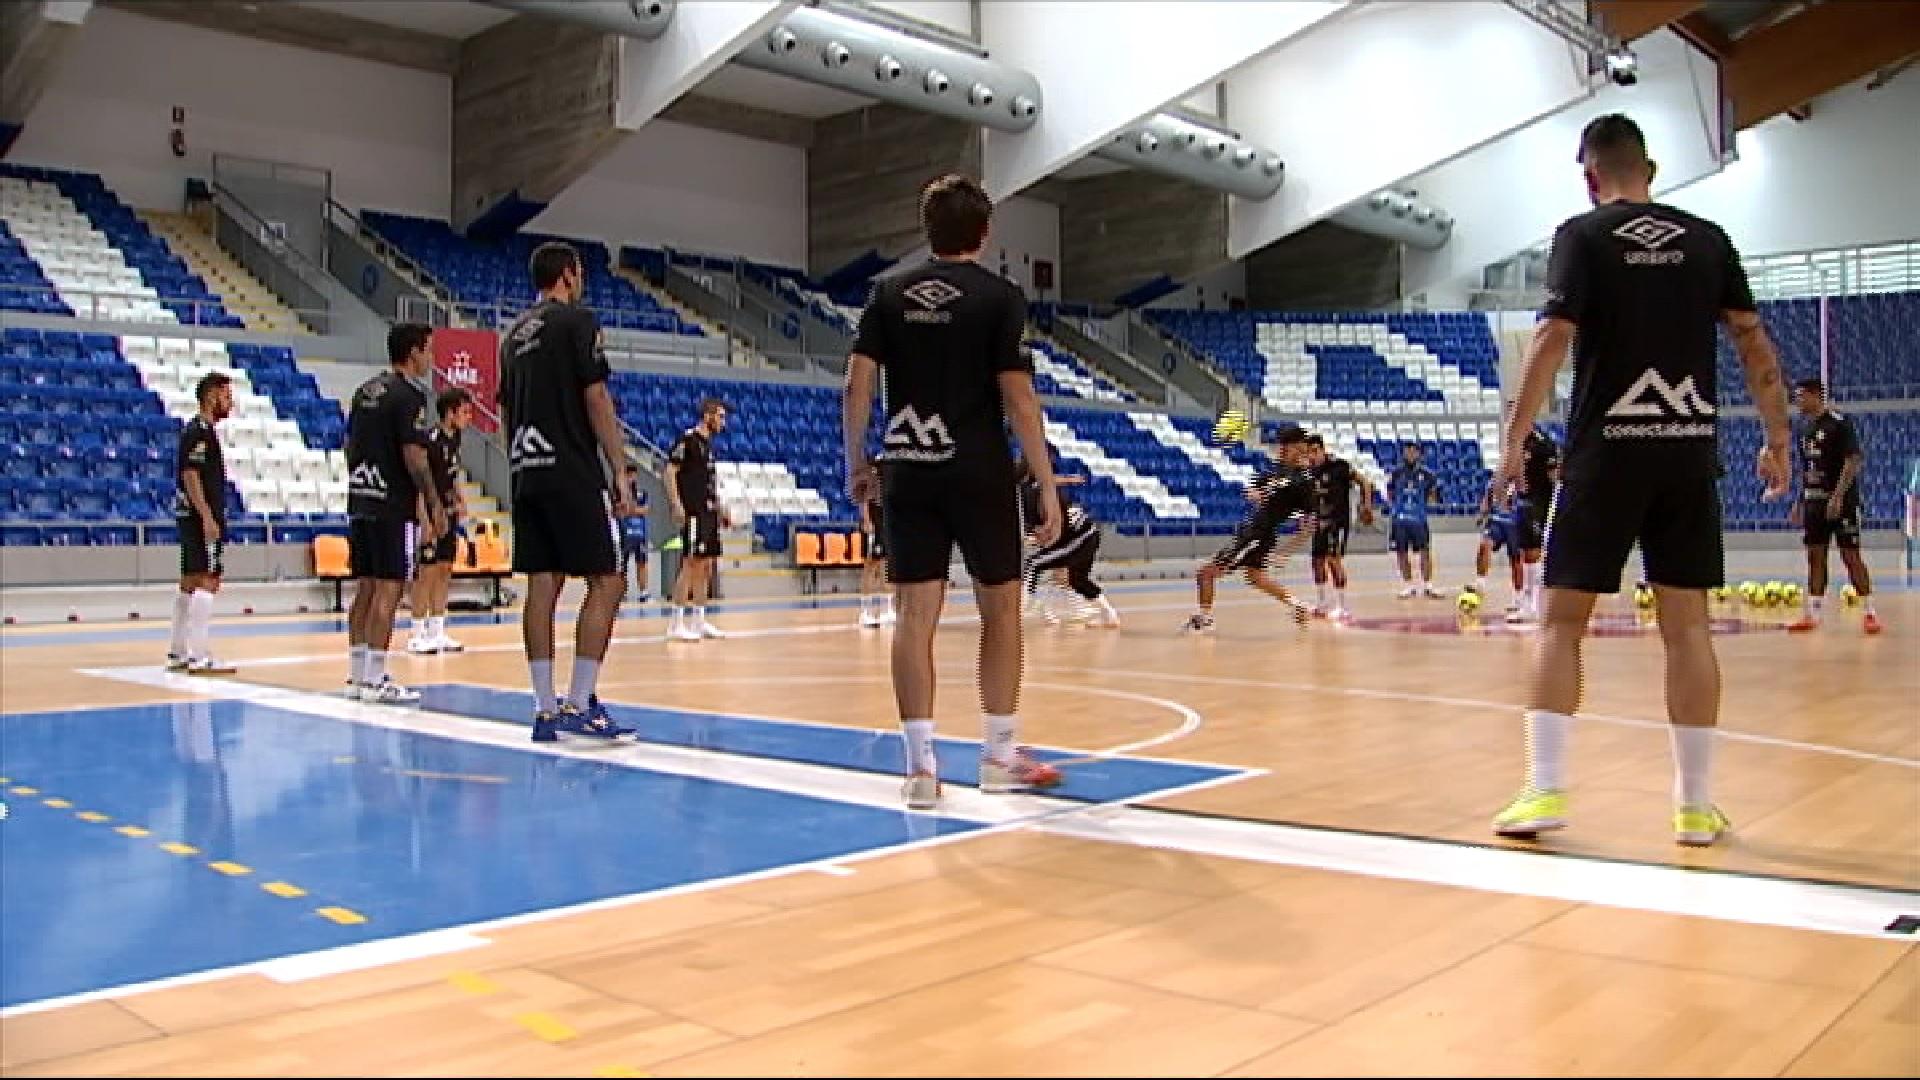 El+Betis+ser%C3%A0+el+rival+del+Palma+Futsal+per+al+partit+de+presentaci%C3%B3